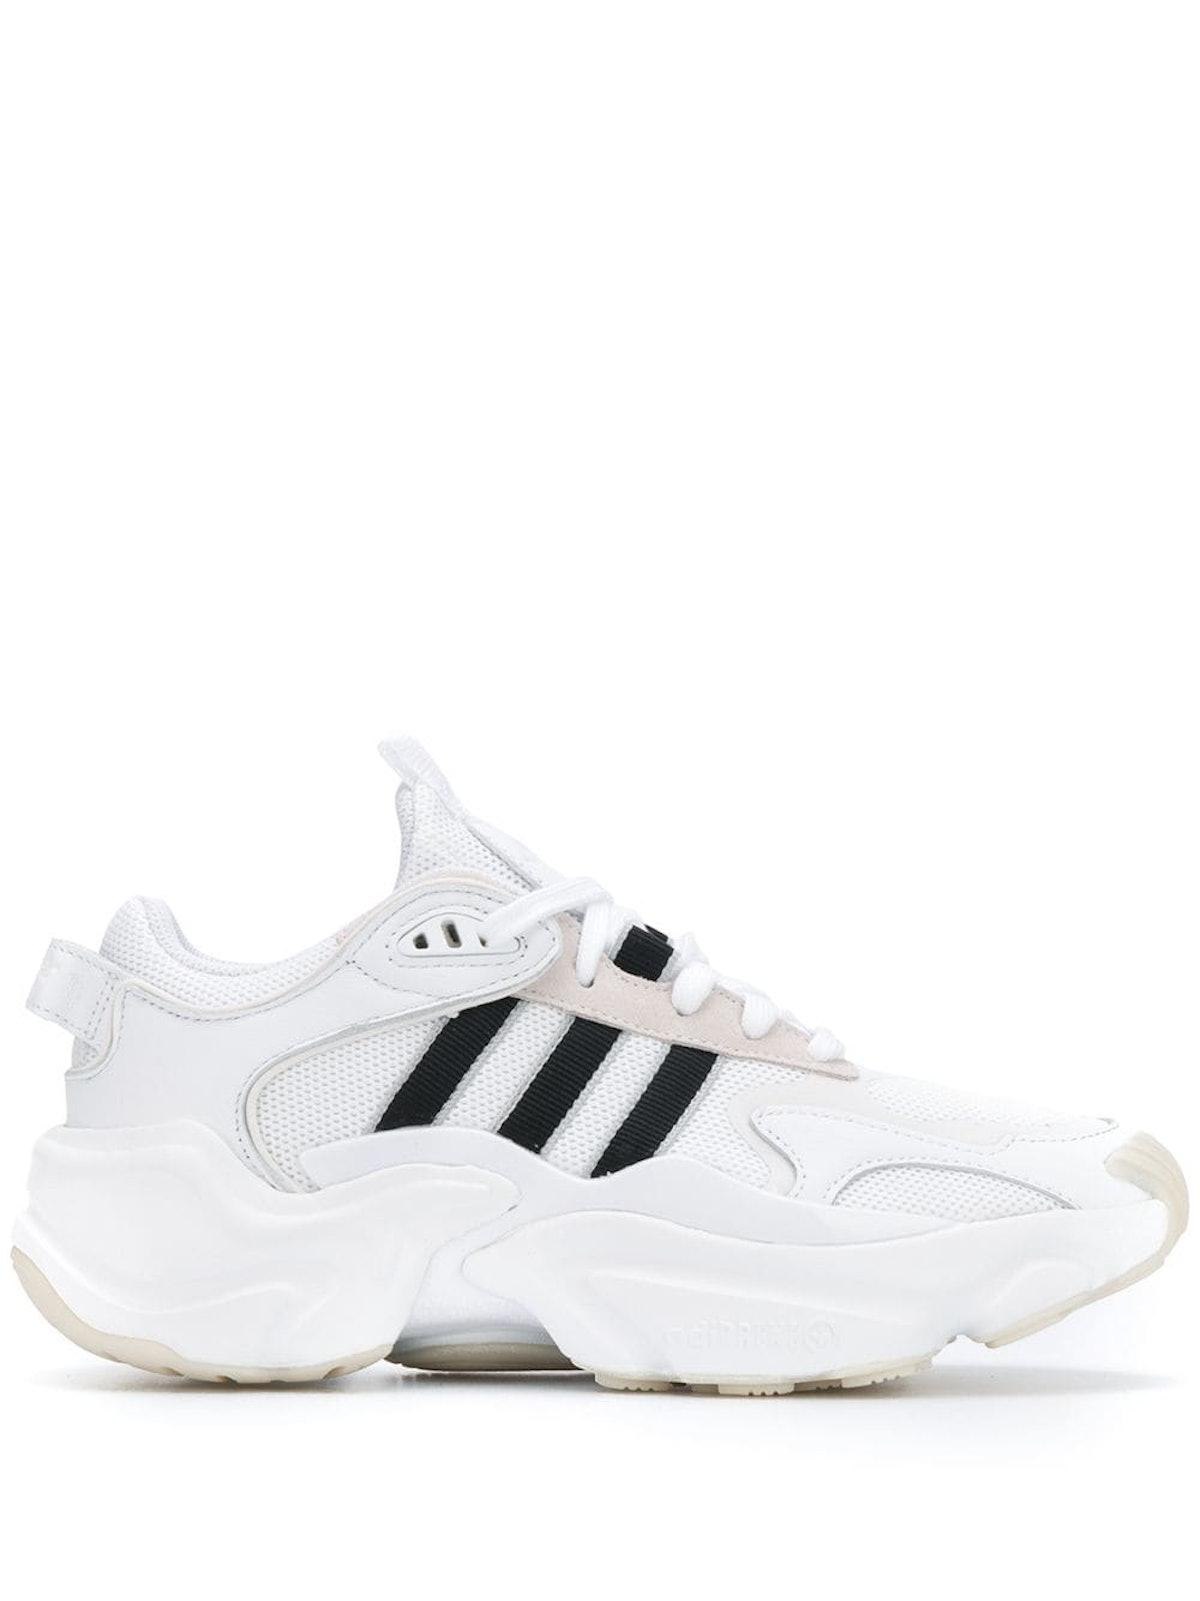 Magmur Runner Sneakers